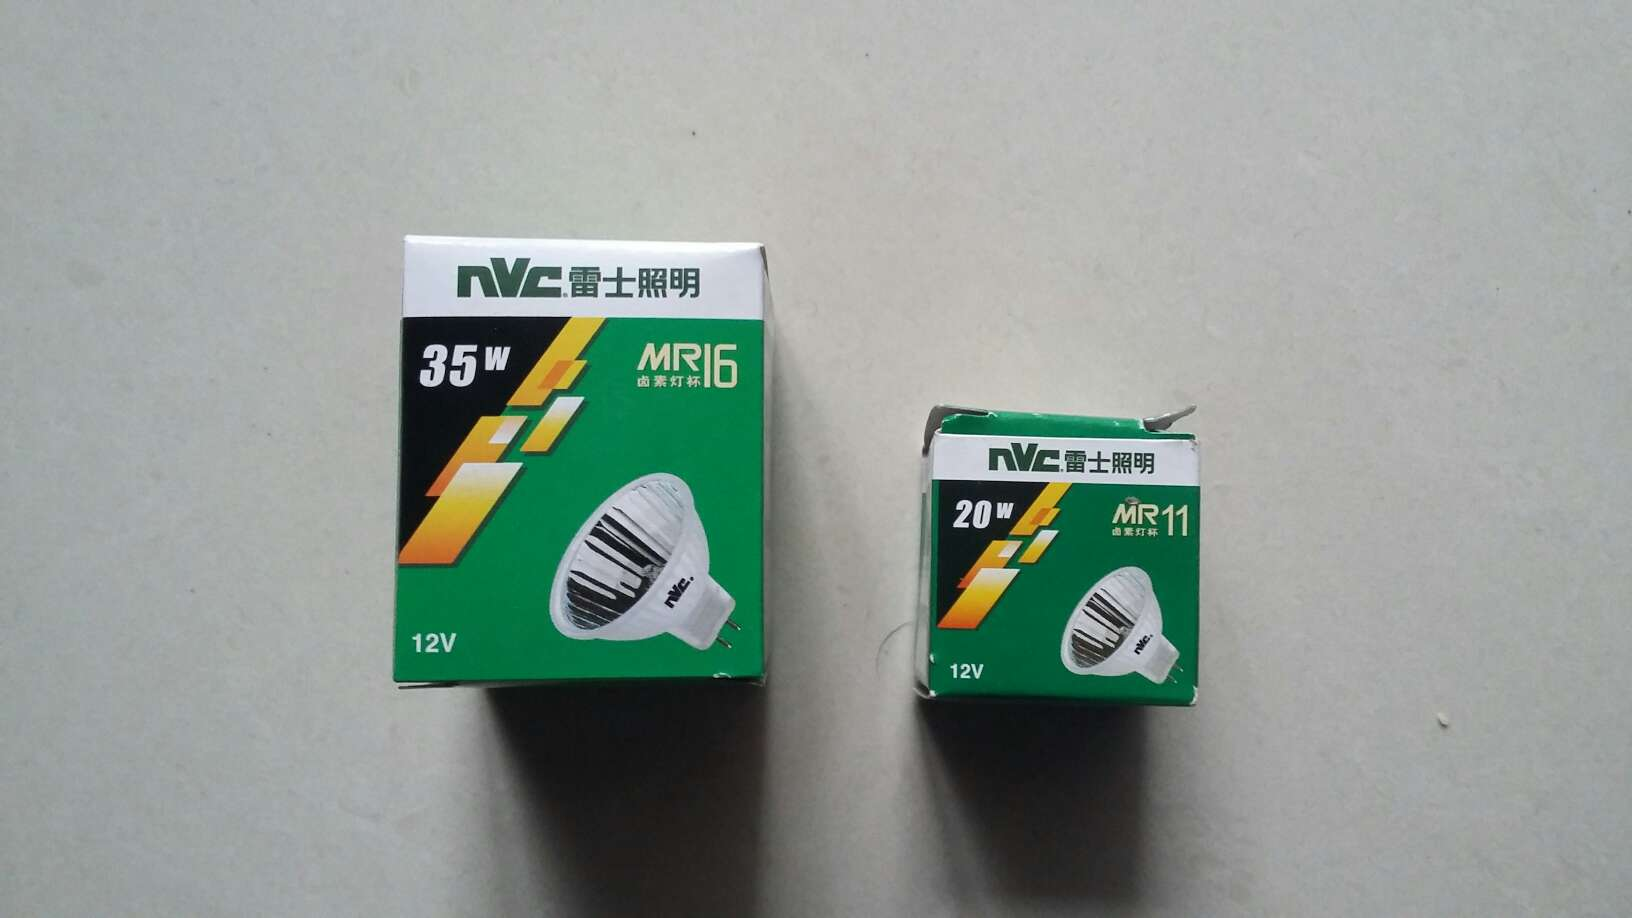 fitlops 00981789 cheap